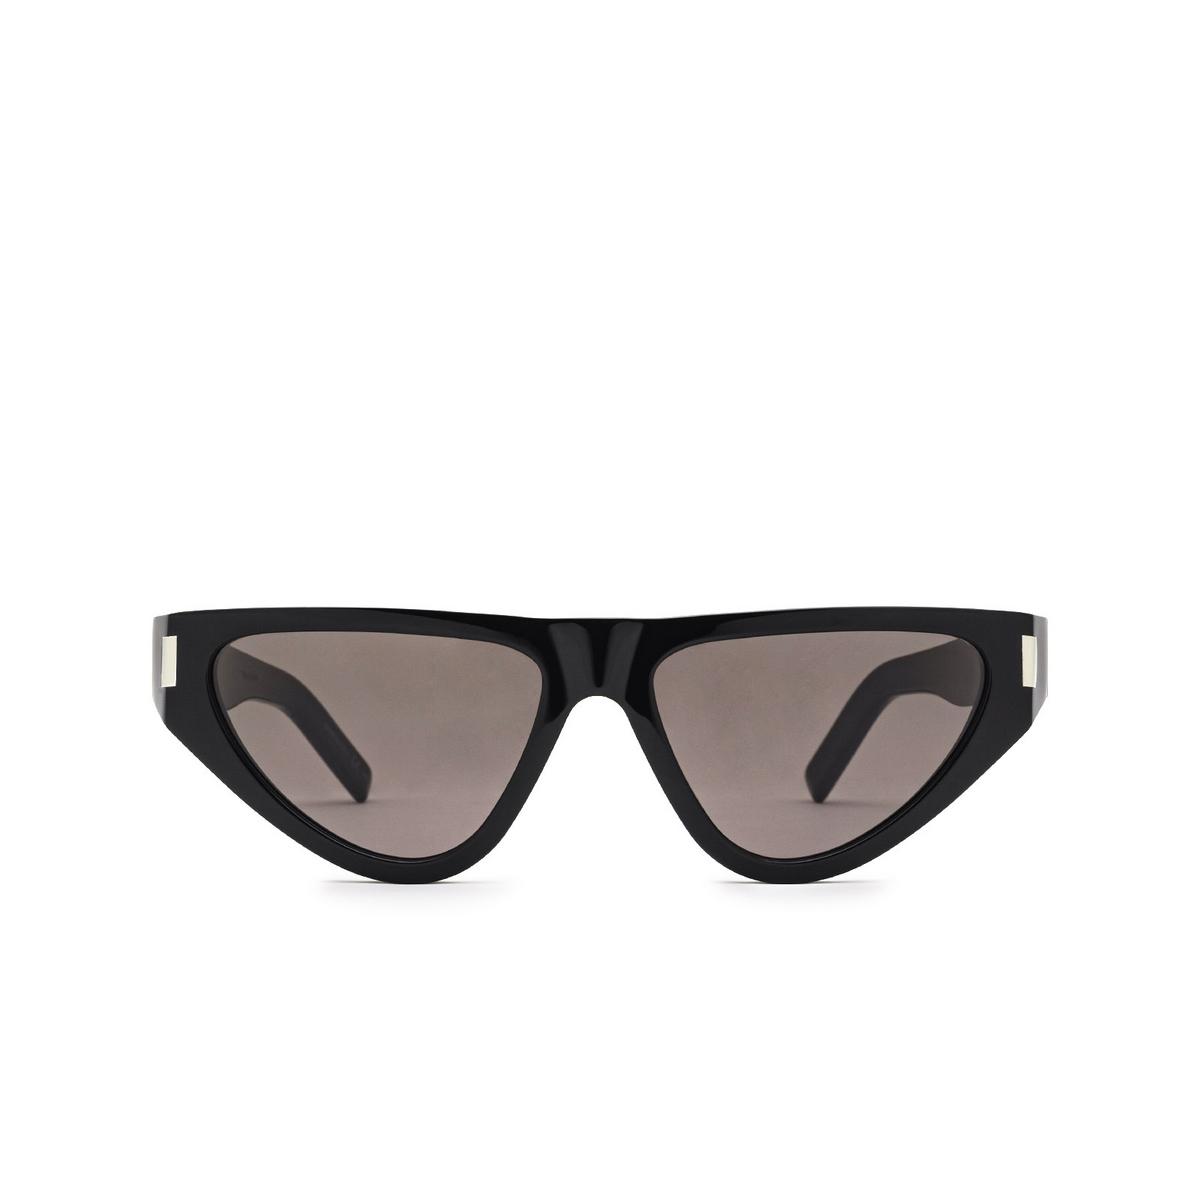 Saint Laurent® Irregular Sunglasses: SL 468 color Black 001 - front view.